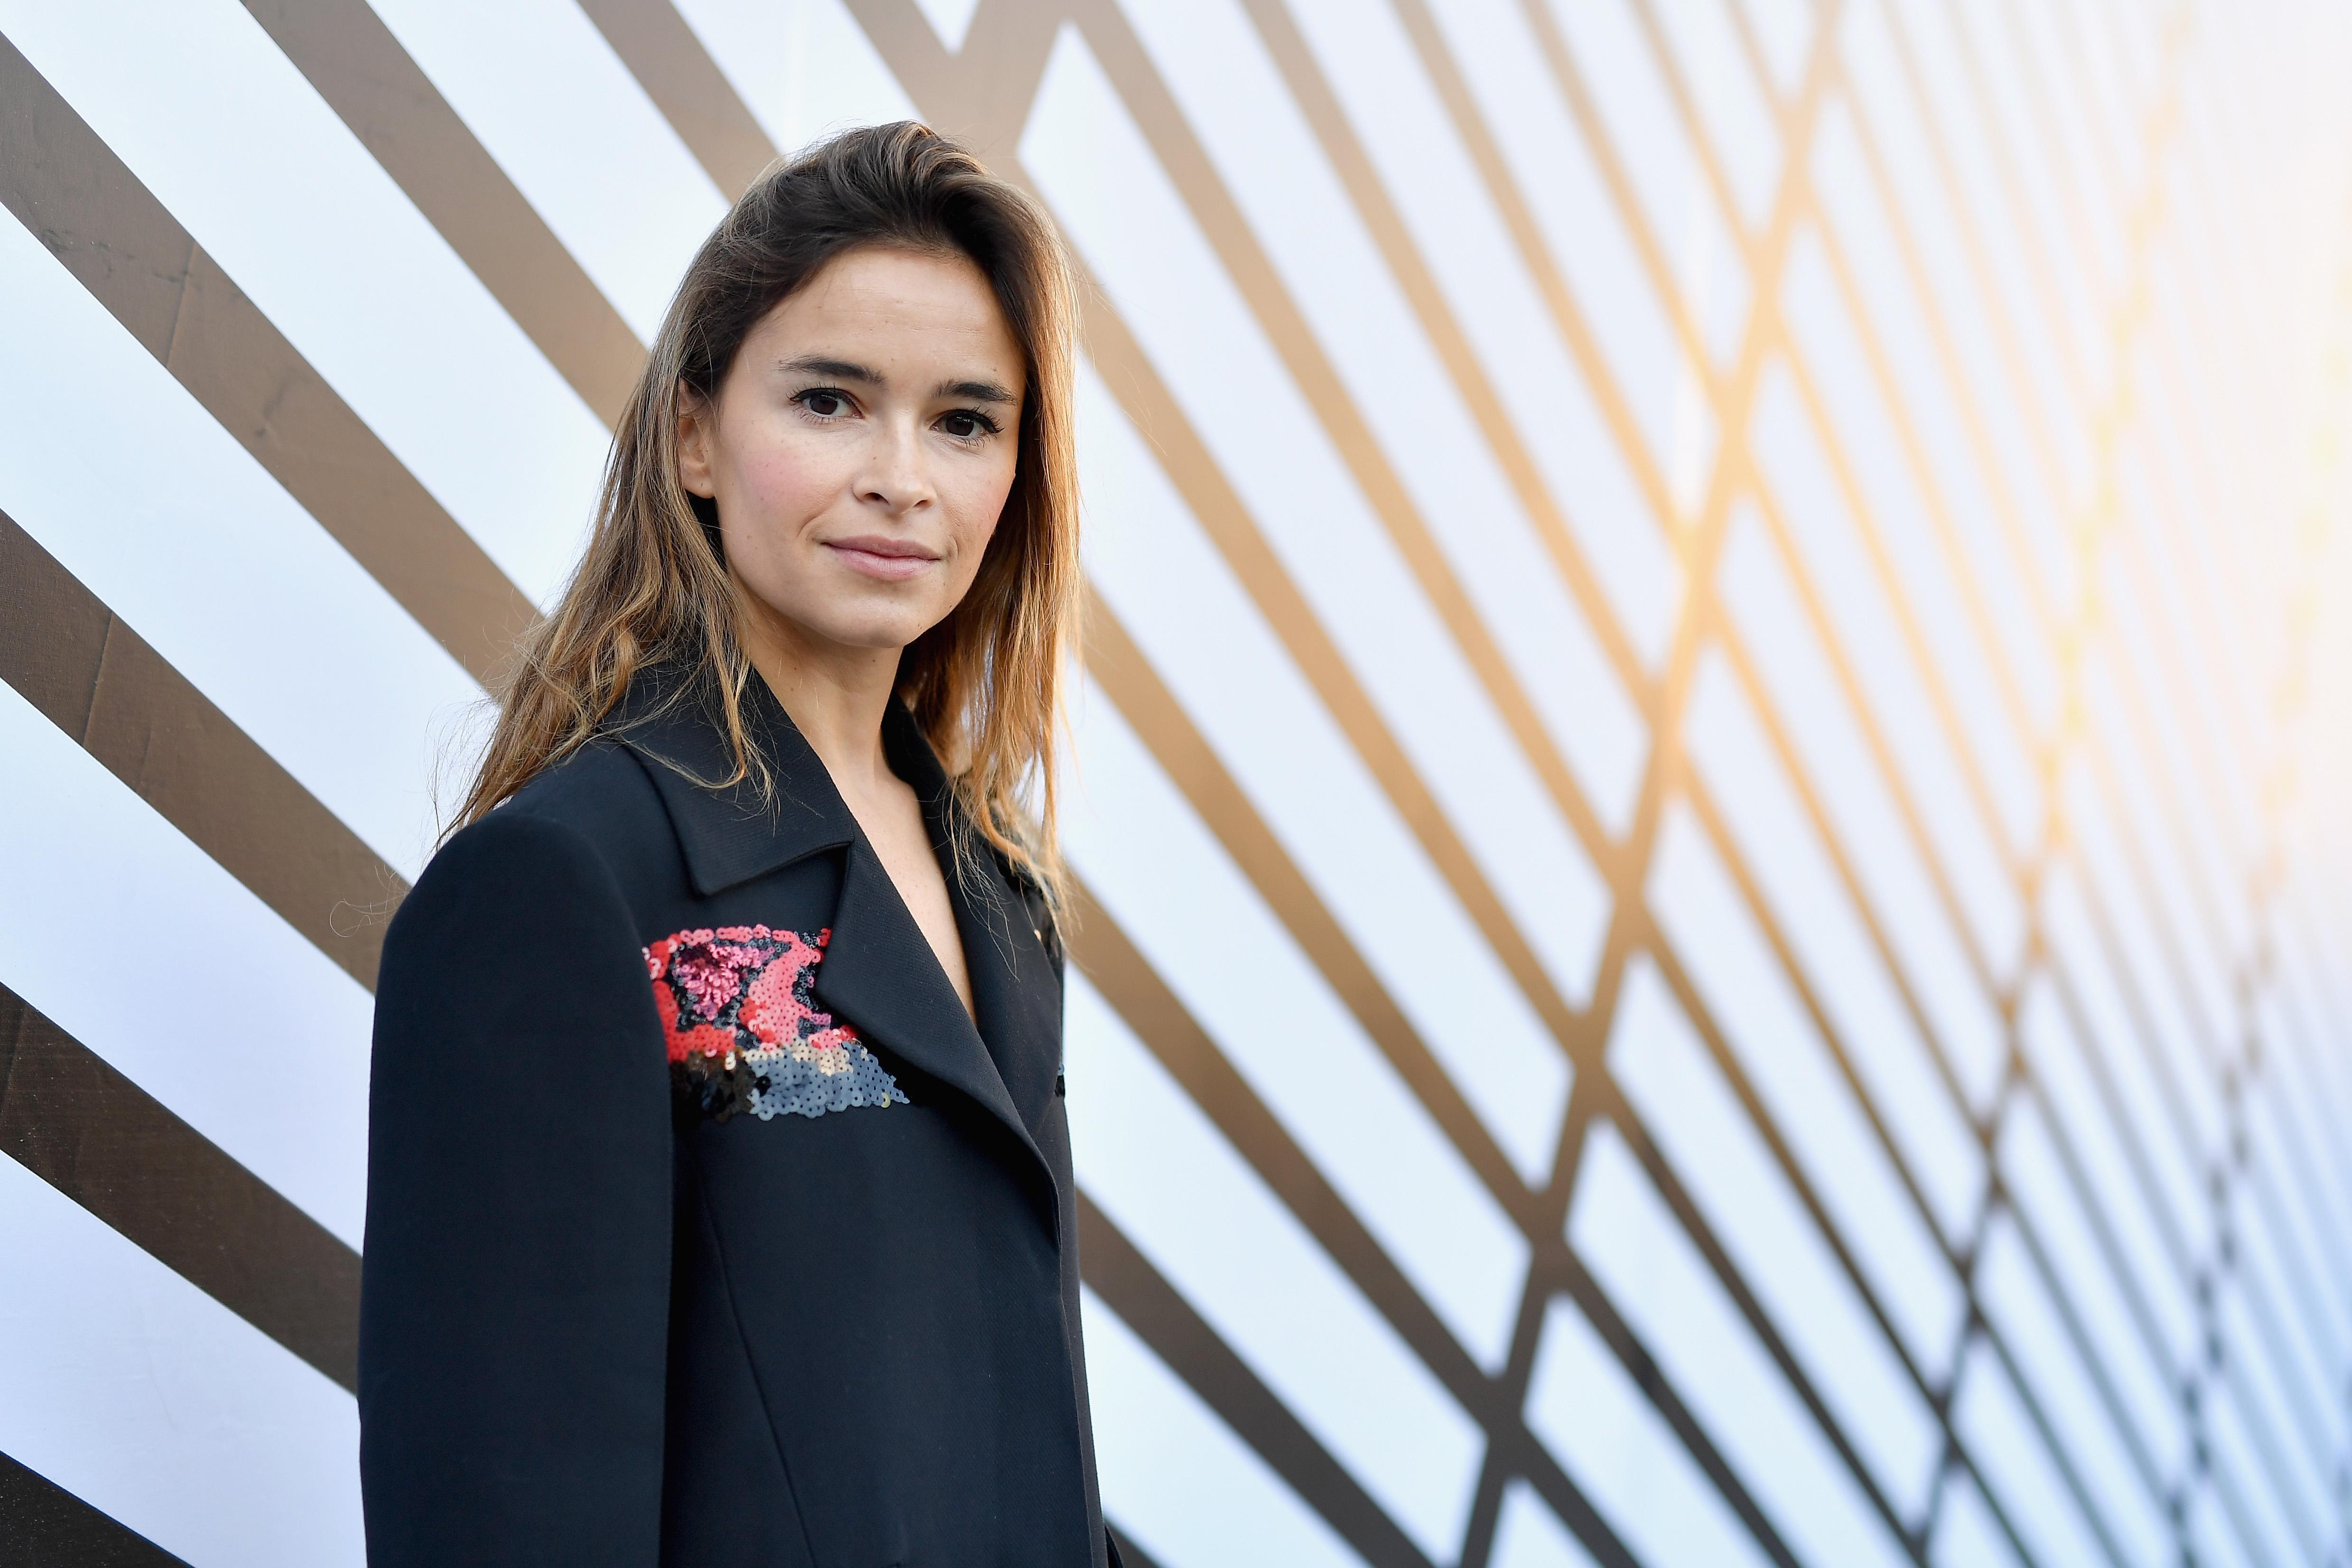 Эксклюзив PEOPLETALK: Мирослава Дума рассказала о новом проекте и о том, как стала партнером ДиКаприо